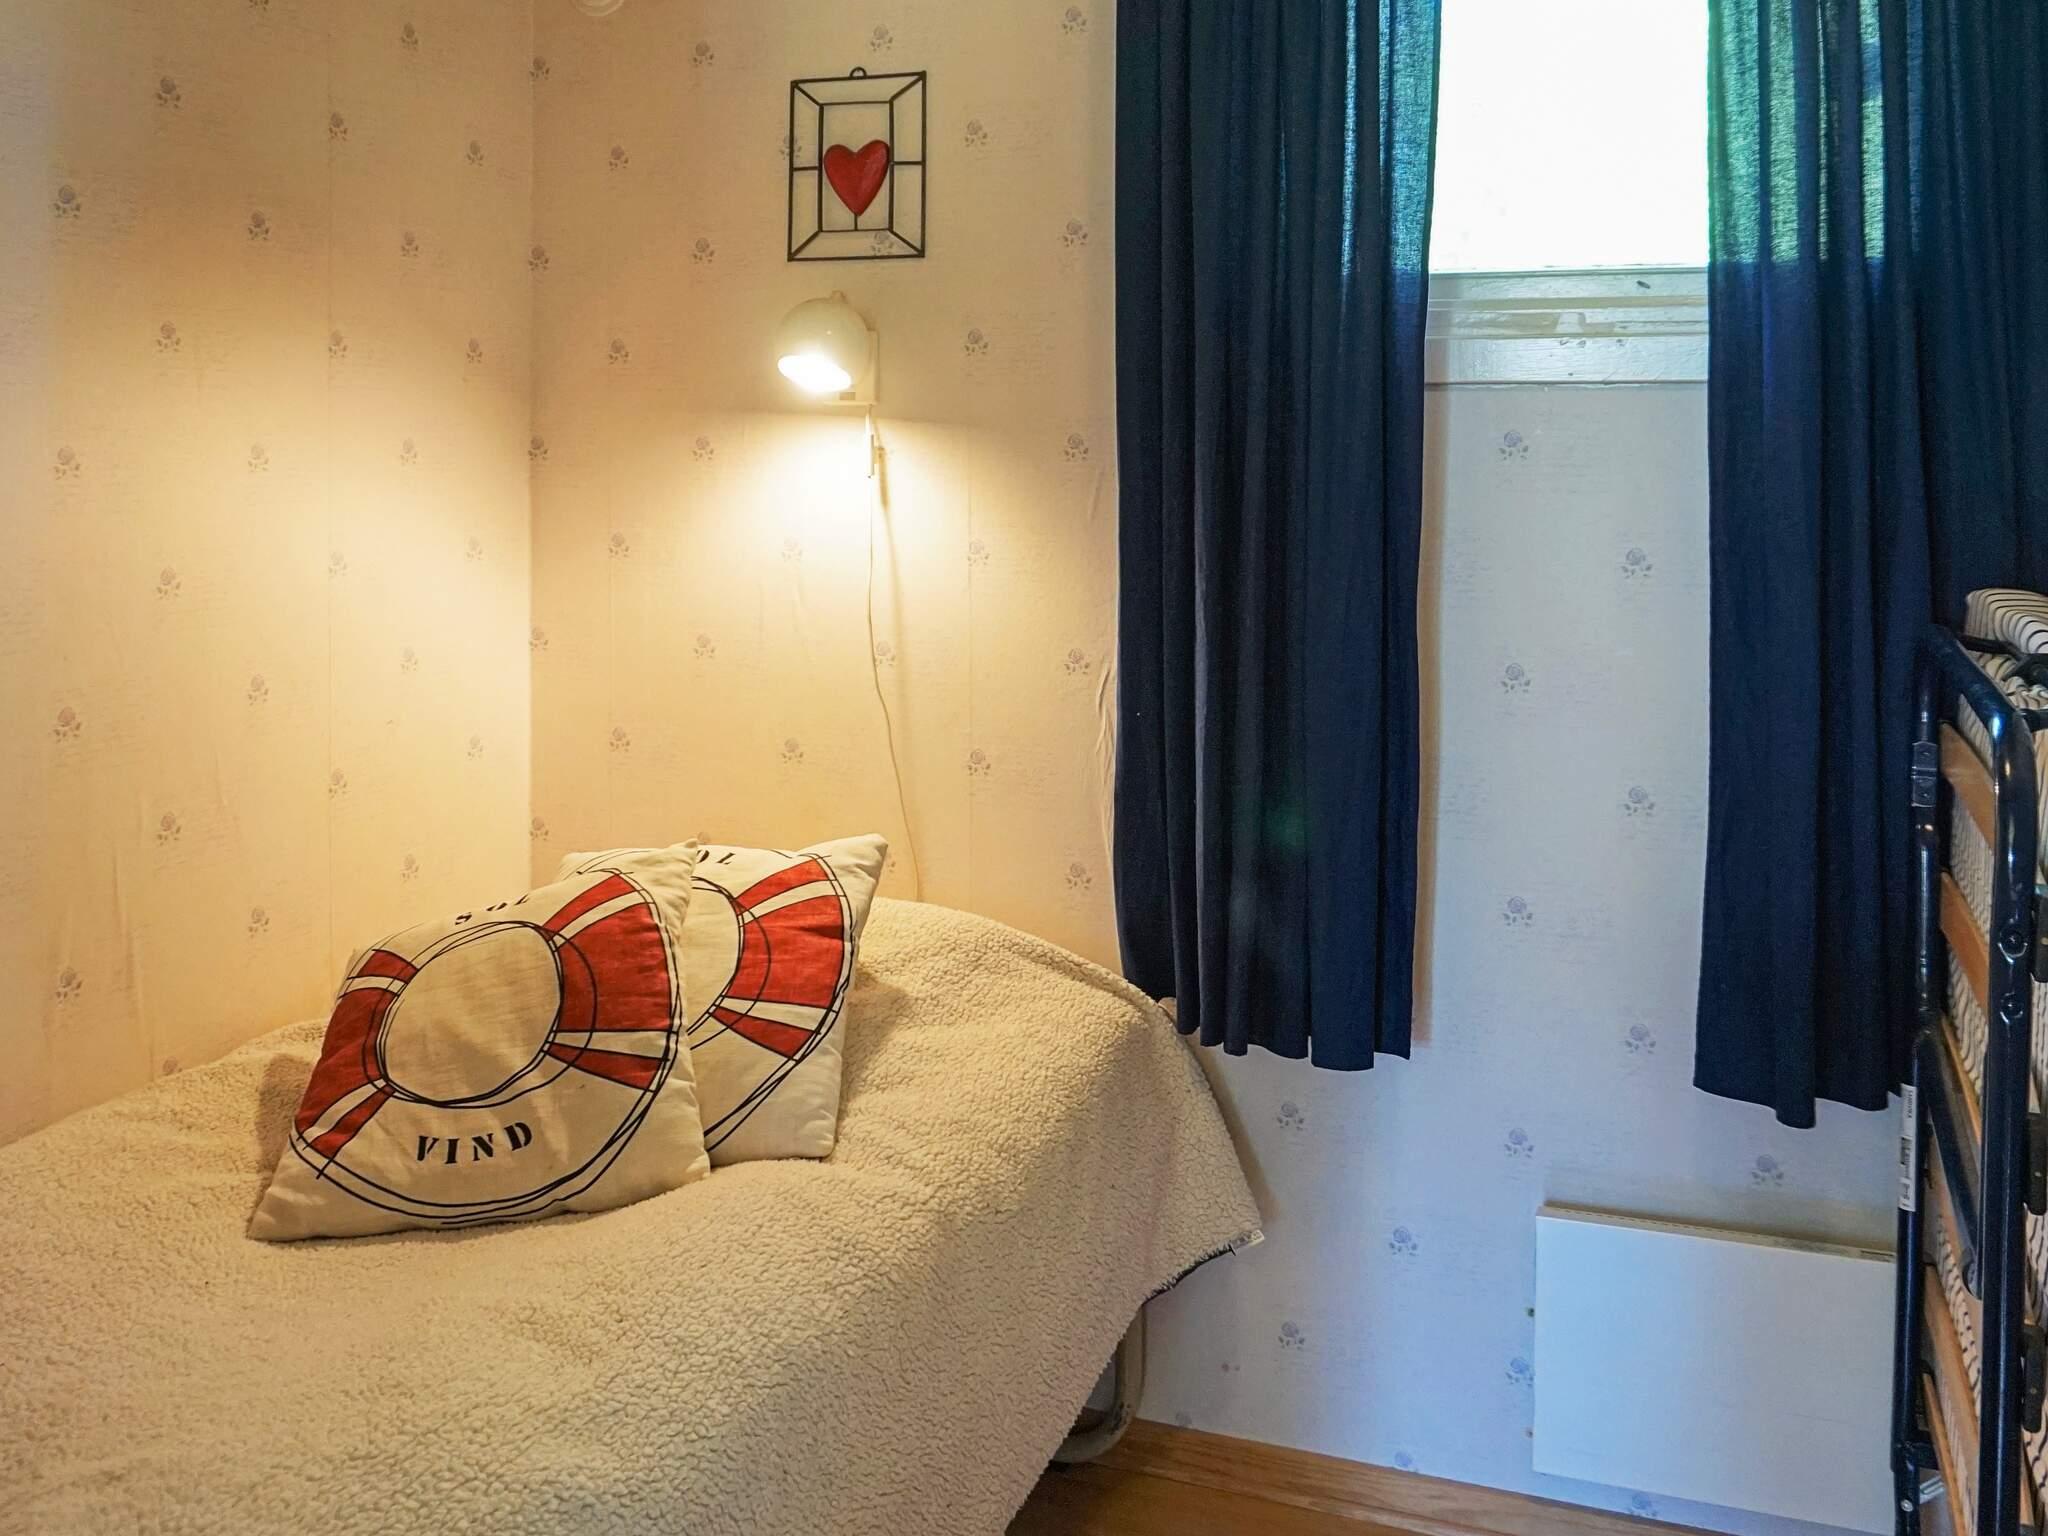 Ferienhaus Barkedal (2627959), Brastad, Västra Götaland län, Westschweden, Schweden, Bild 7